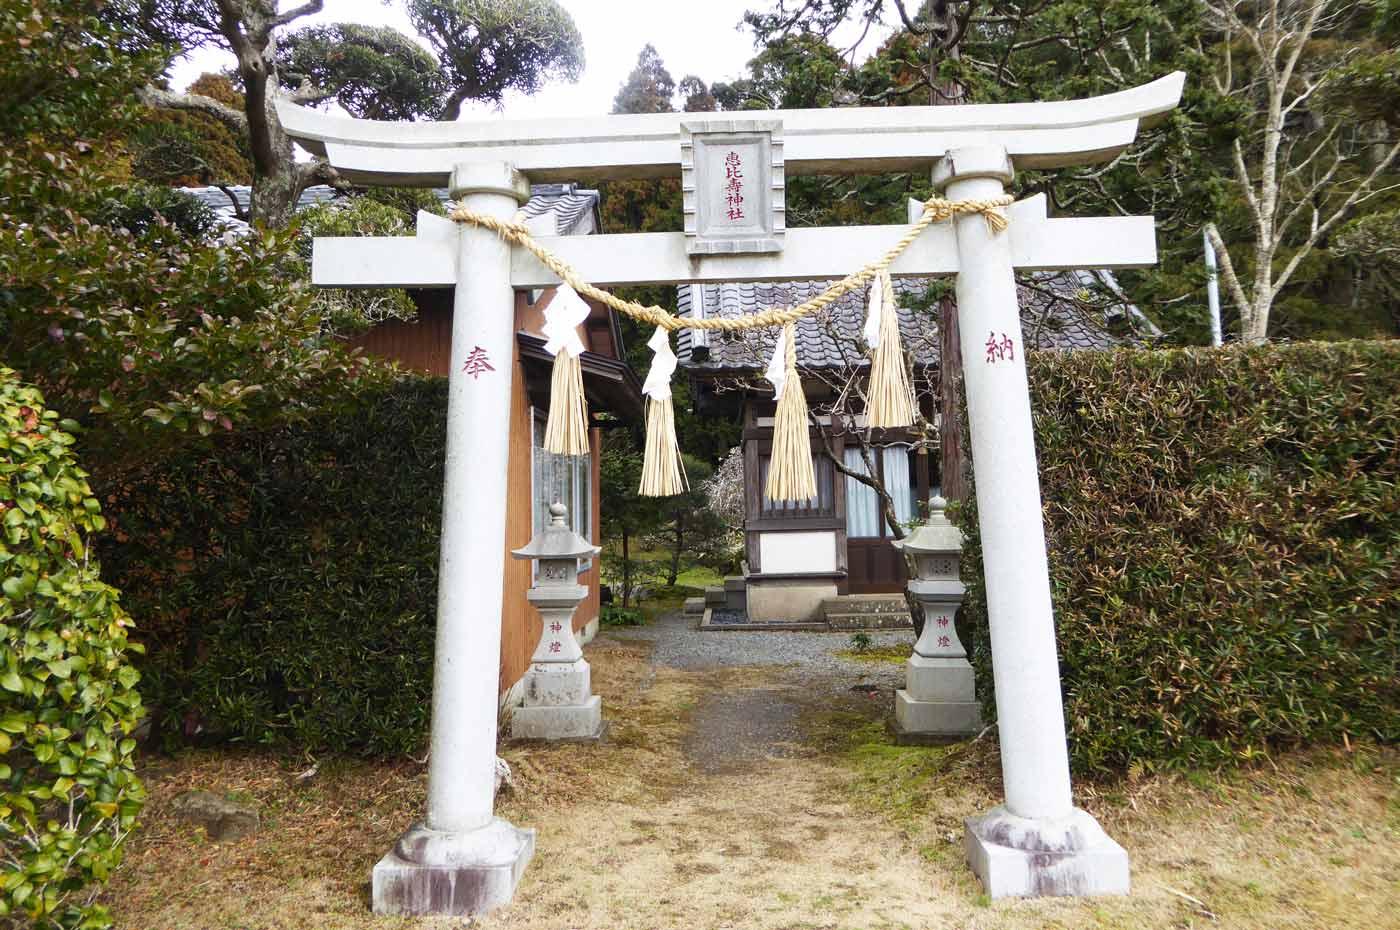 恵比寿神社の鳥居と本殿